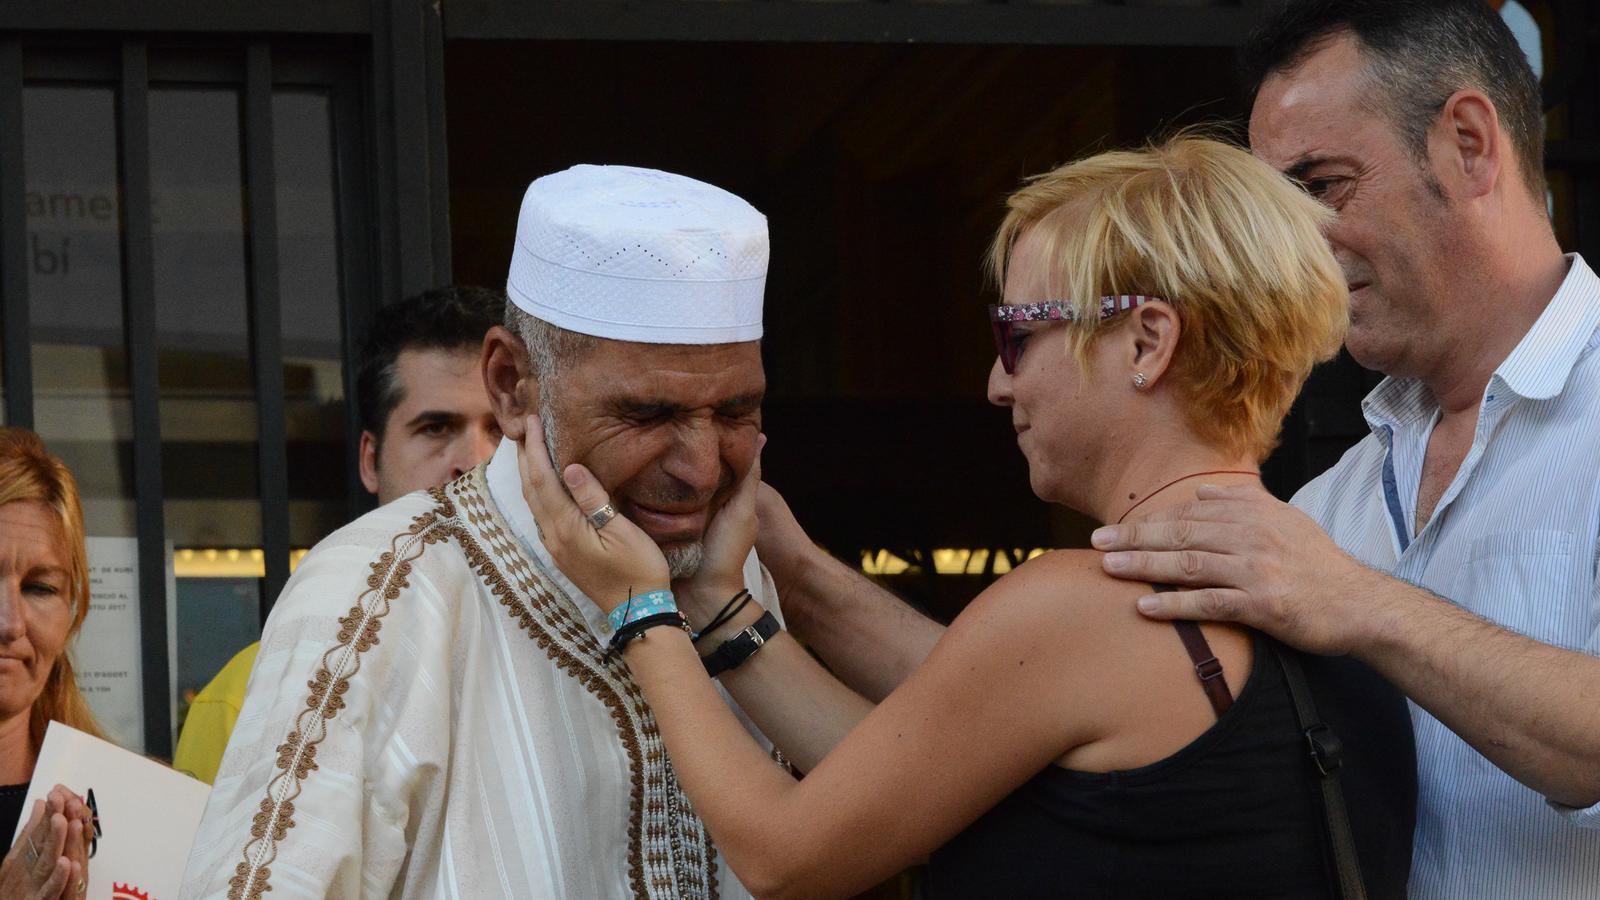 Els pares del menor de Rubí mort en l'atac s'abracen emocionats a l'imam del municipi / JORDI GARCIA